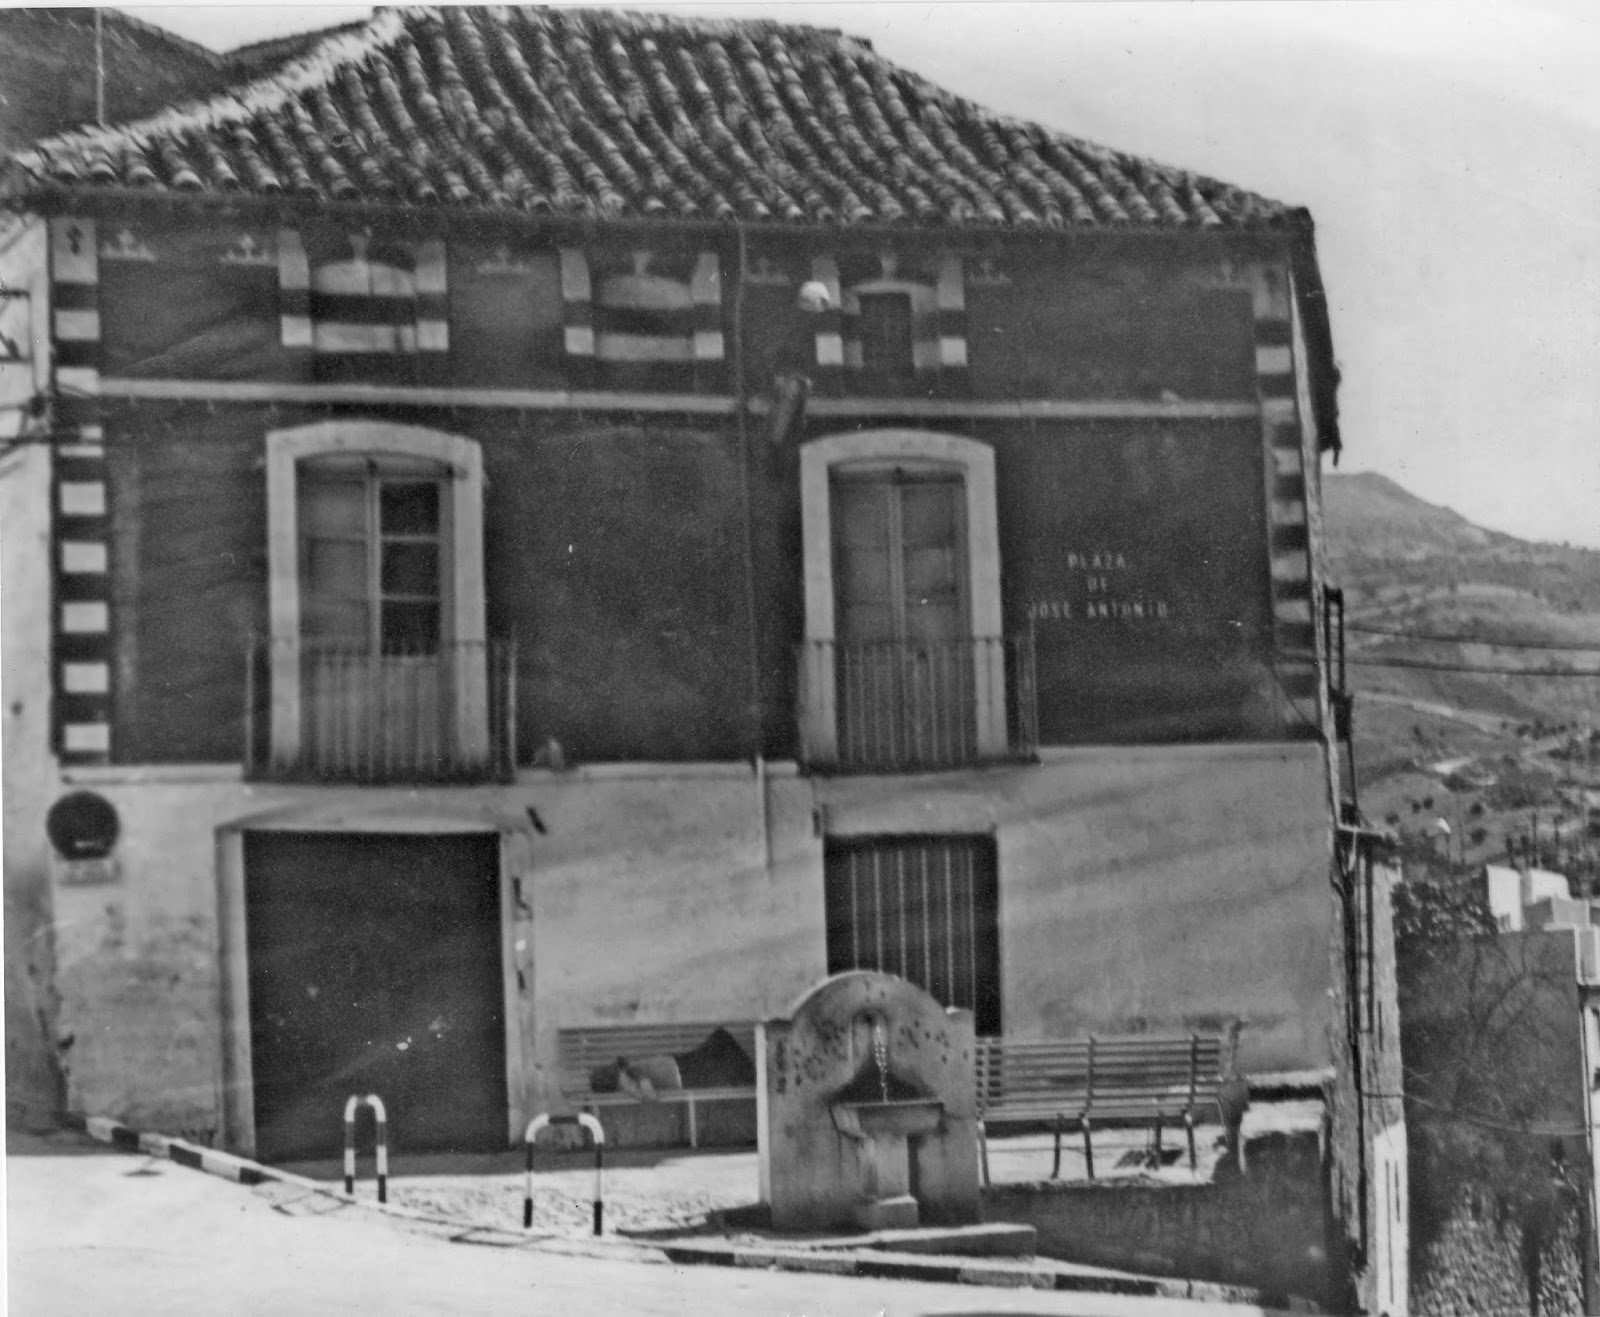 Los villares en la memoria del arrendamiento de una casa para la maestra en - Tiempo los villares jaen ...